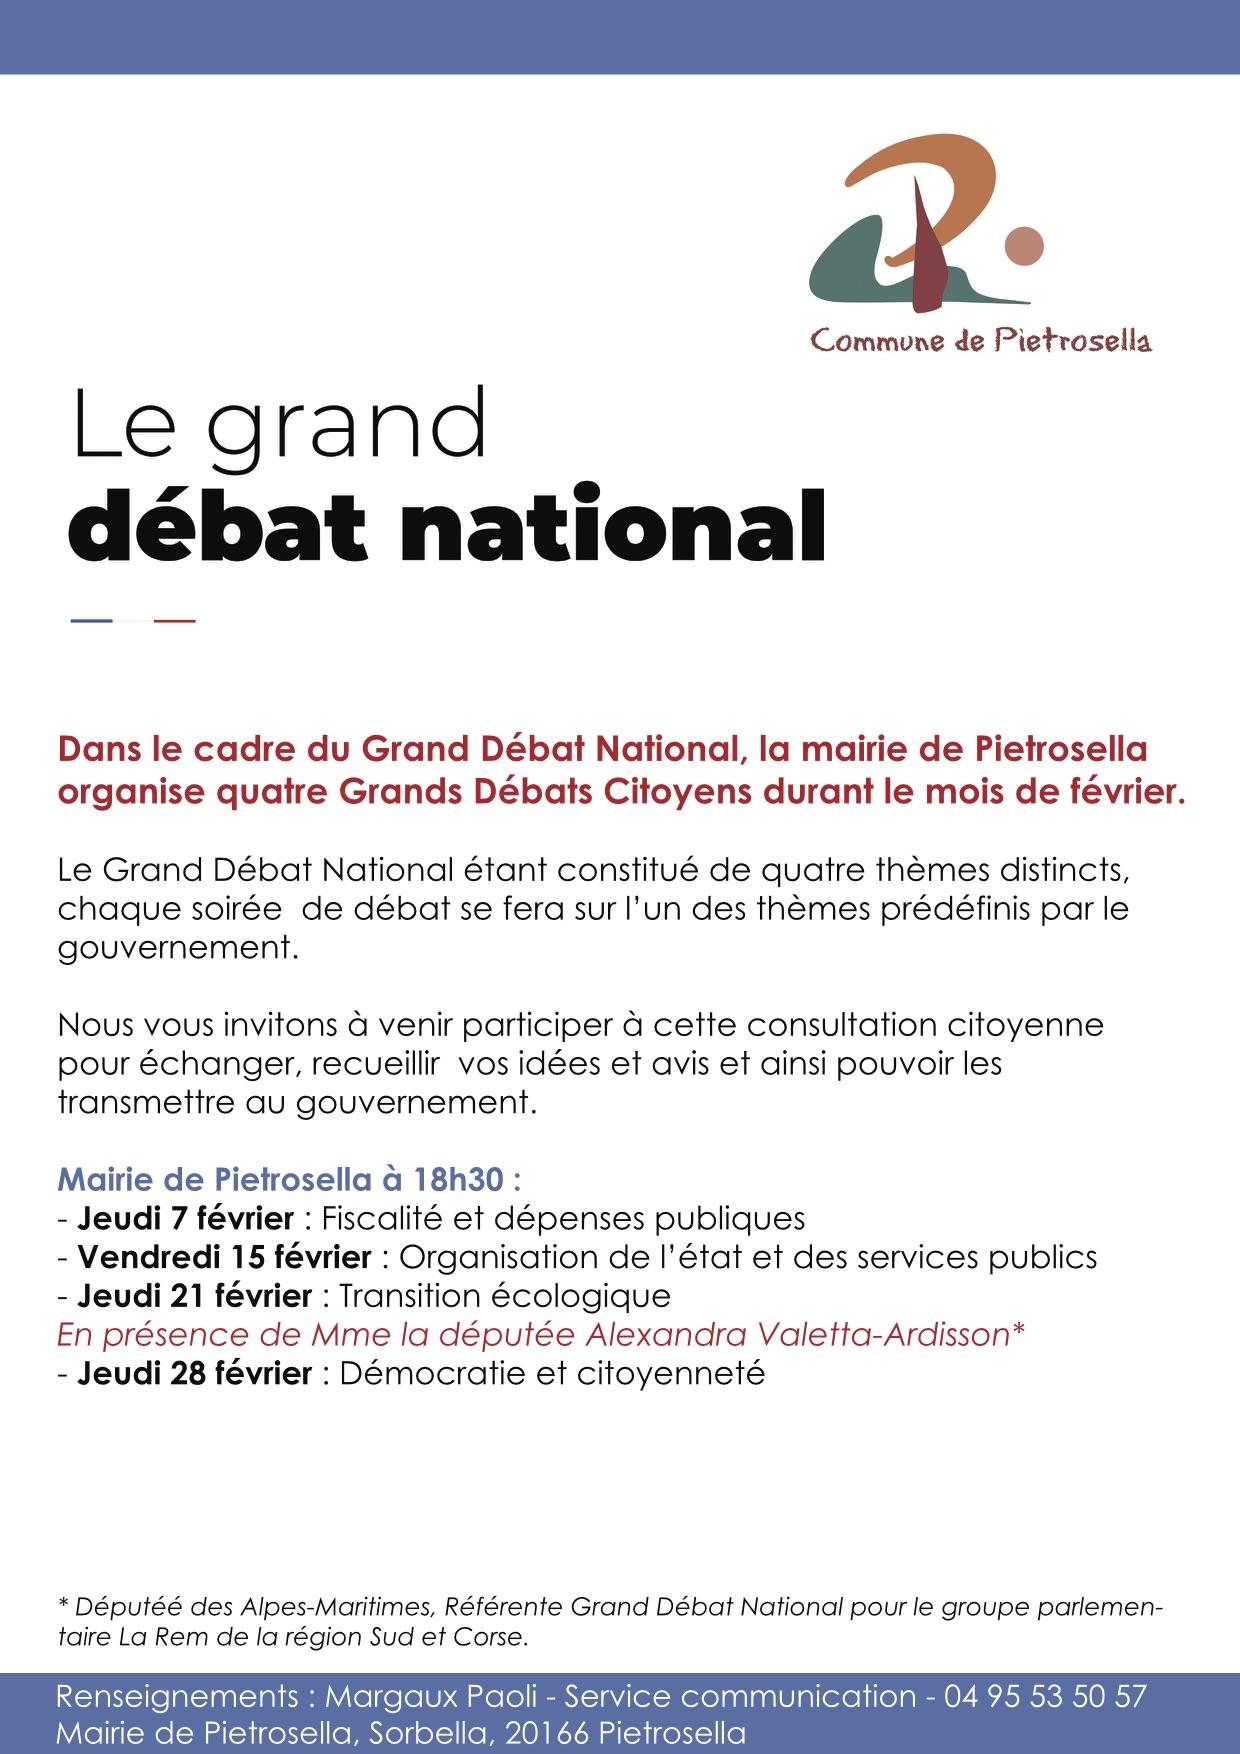 2ème Grand Débat National à Pietrosella ce vendredi 15 février